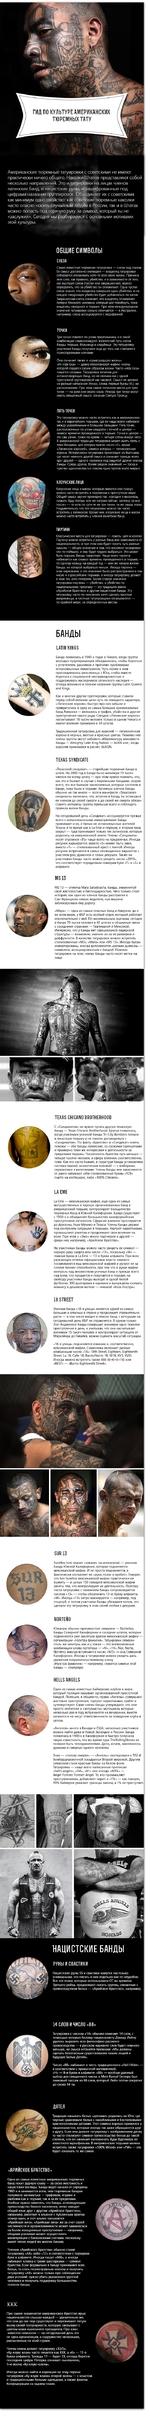 Американские тюремные татуировки с советскими не имеют практически ничего общего. Наколки Штатов представляют собой несколько направлений. Это и татуировки на лицах членов латинских банд, и нацистские руны, и зашифрованные под цифрами названия группировок. Объединяет их с советскими как минимум одн